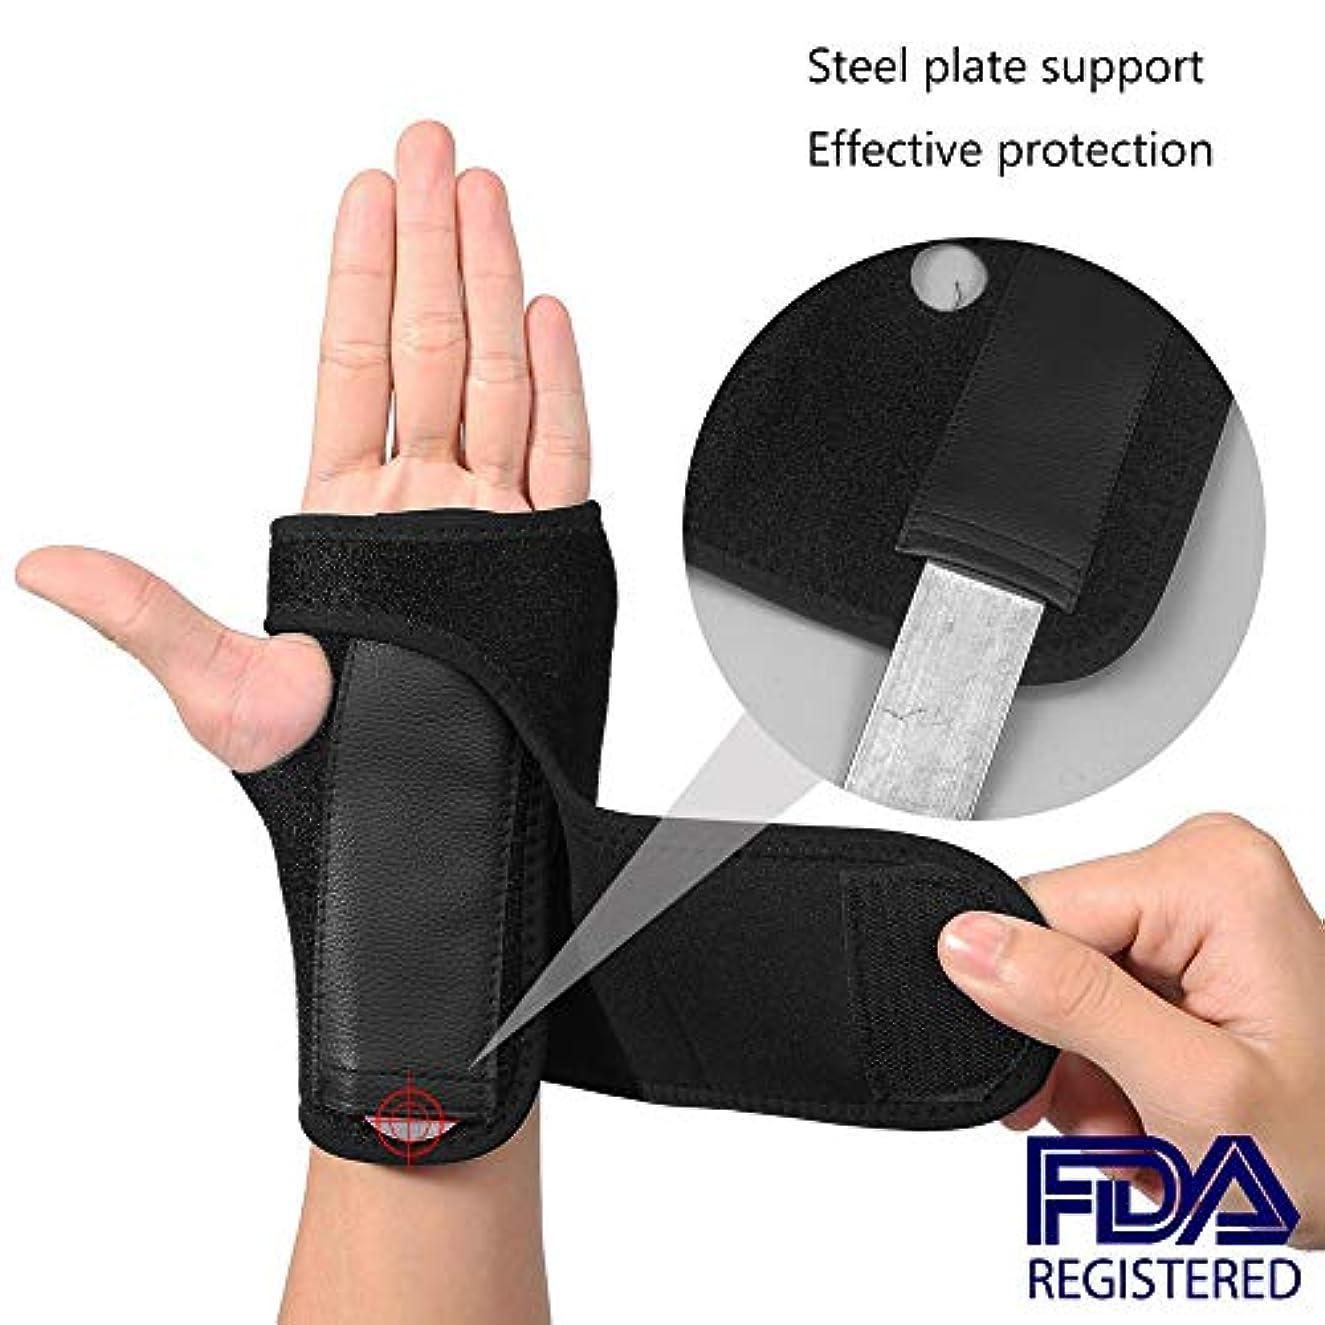 メナジェリー目に見える噛む手首のサポート-調節可能なブレースストラップバンド-右手と左手で手根管、手首の関節炎の痛み、捻rain、疲労を和らげます